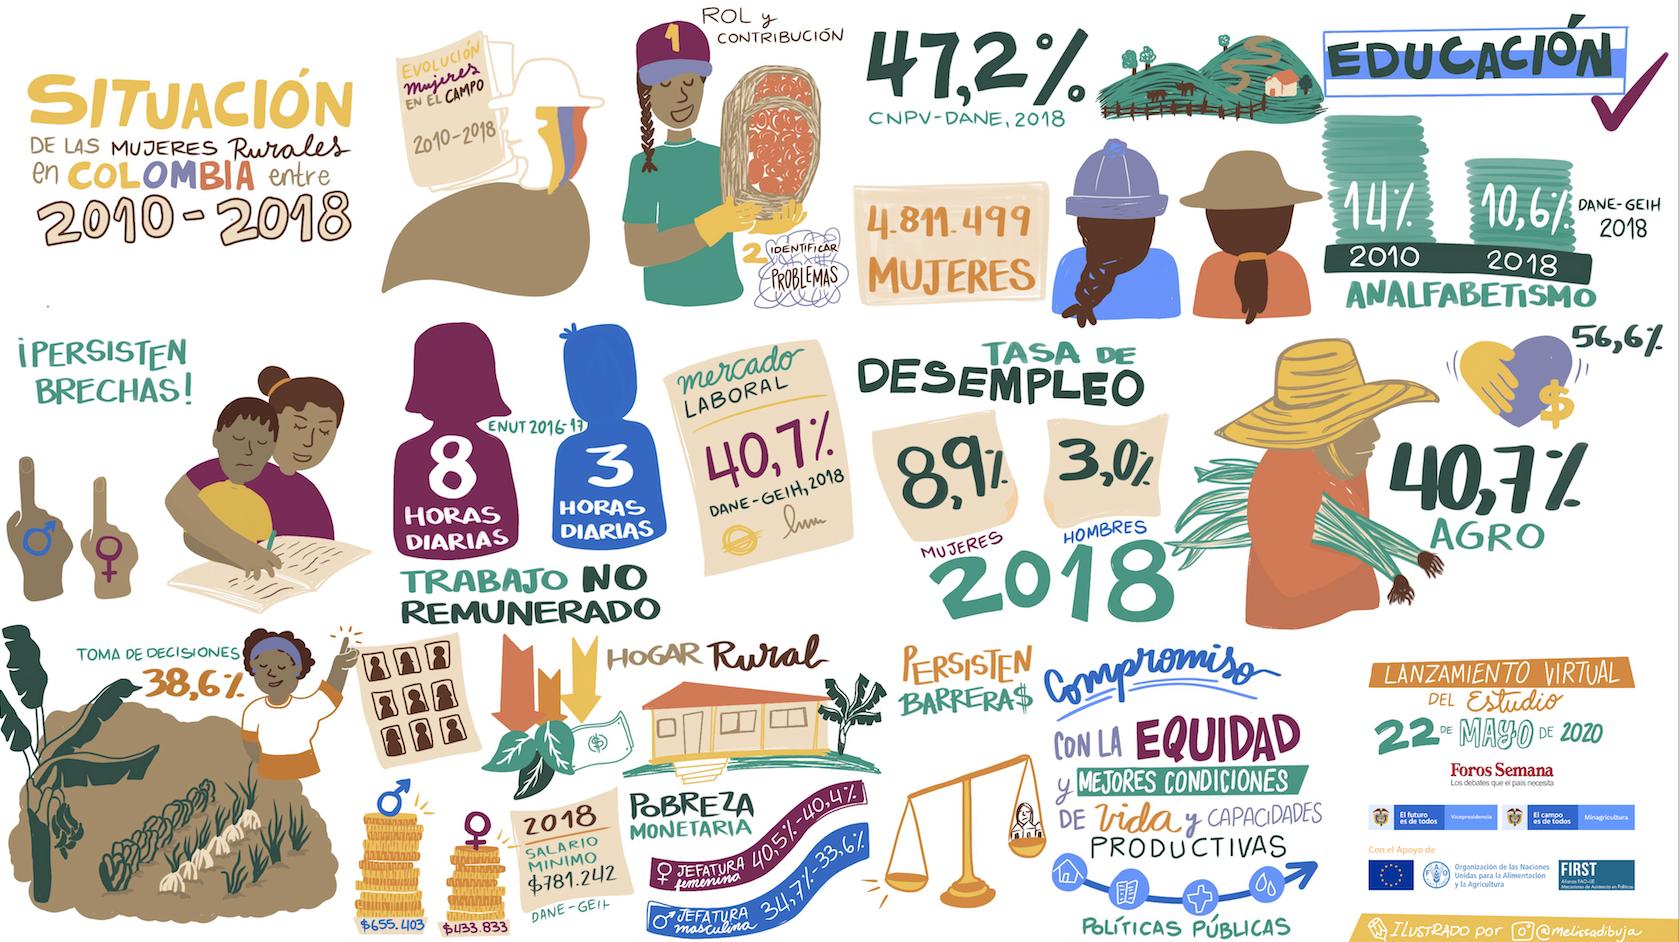 Situación de las Mujeres Rurales en Colombia entre 2010 - 2018